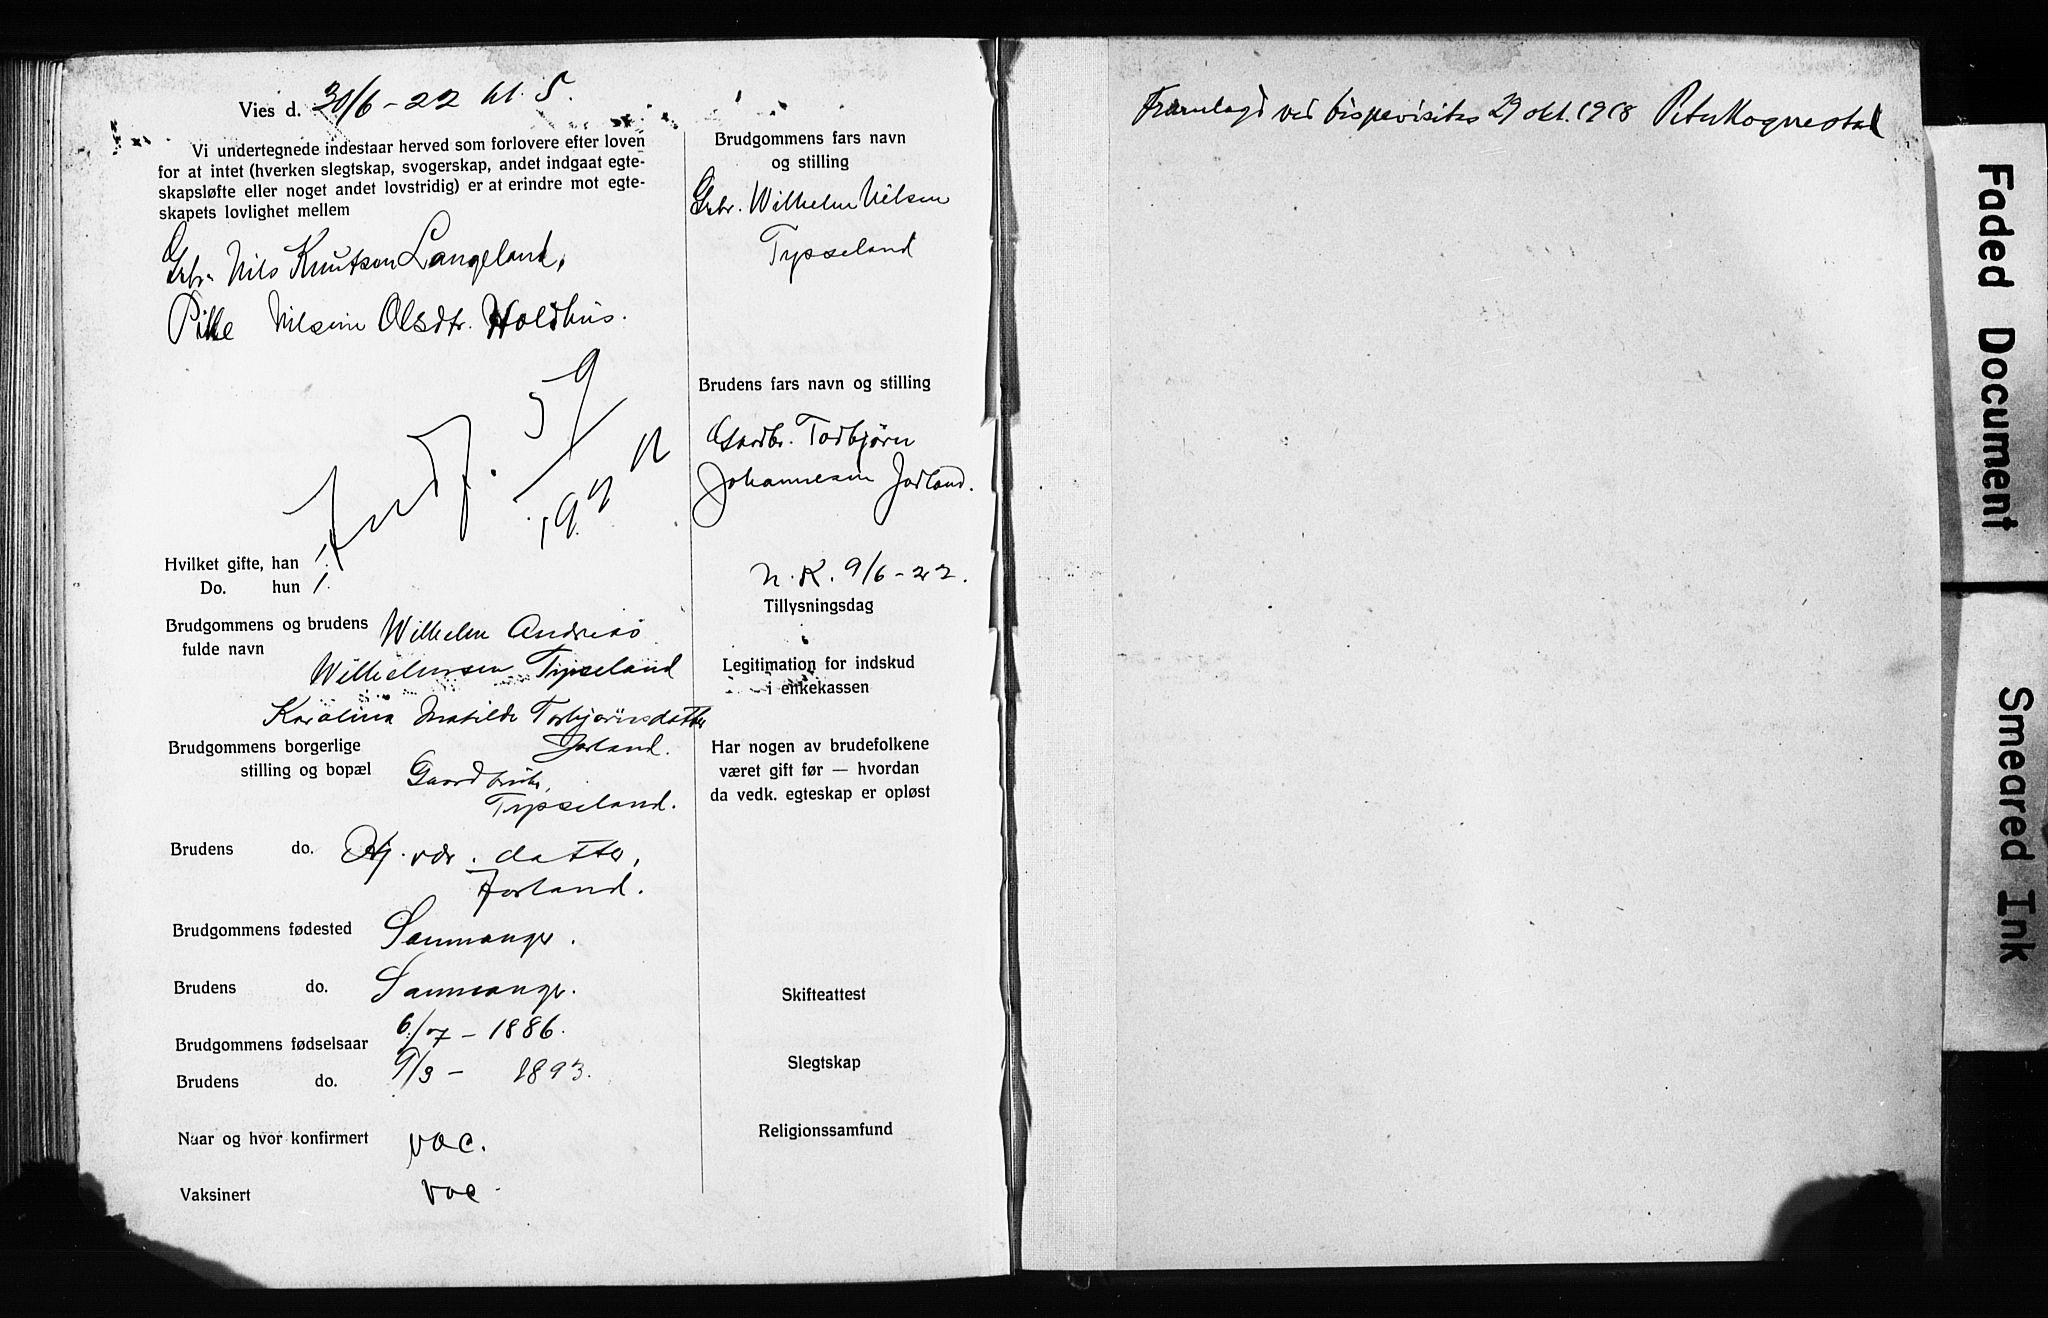 SAB, Domkirken Sokneprestembete, Forlovererklæringer nr. II.5.13, 1917-1922, s. 386